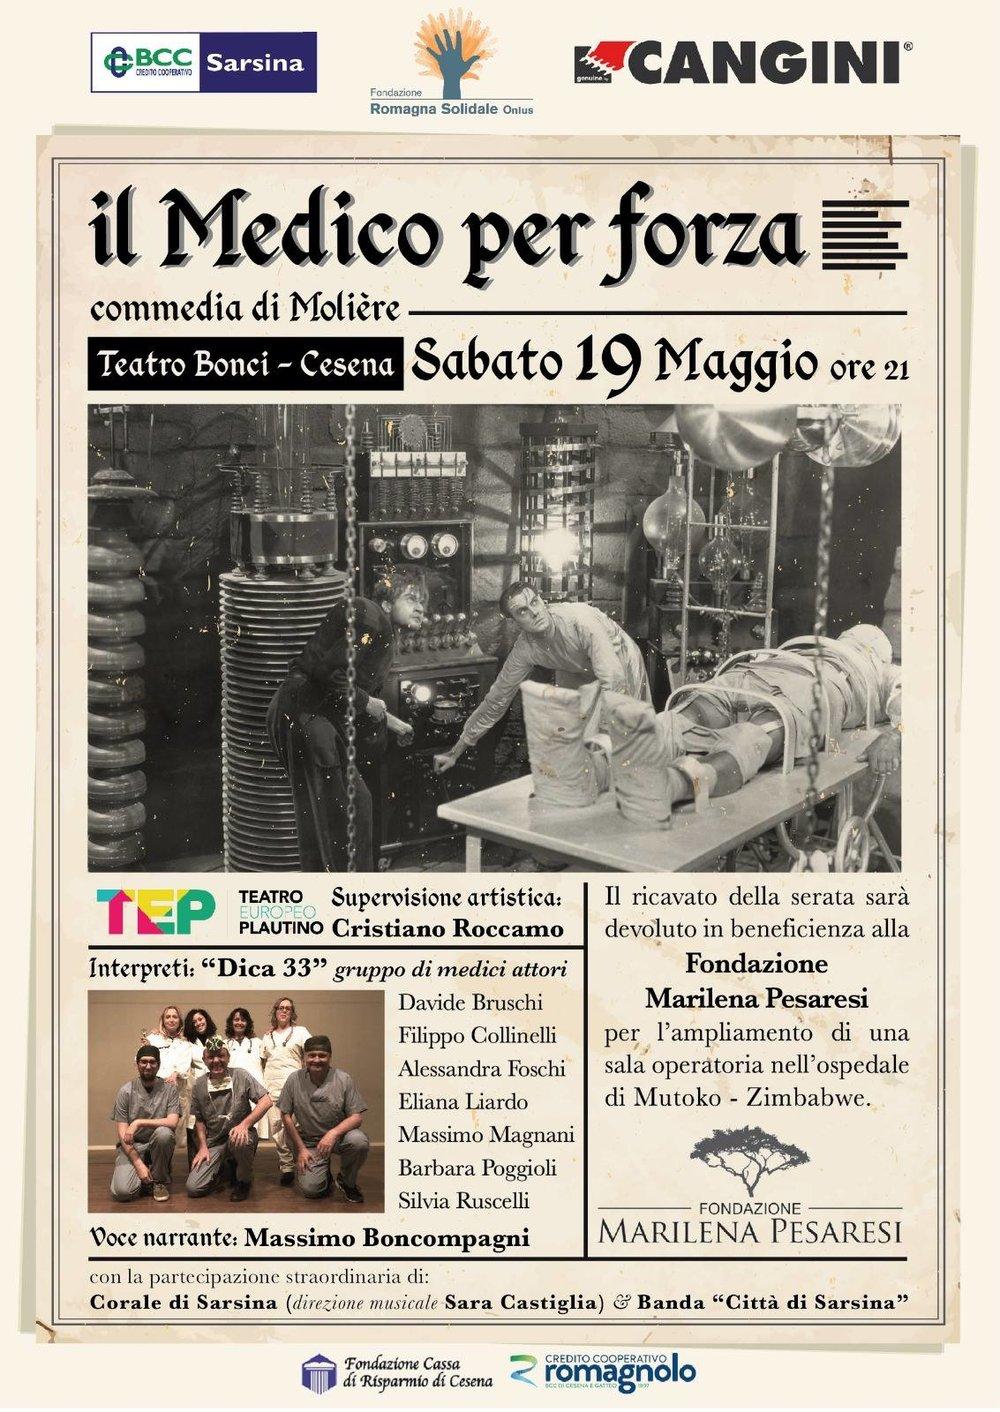 medico_per_forza_moliere.jpg